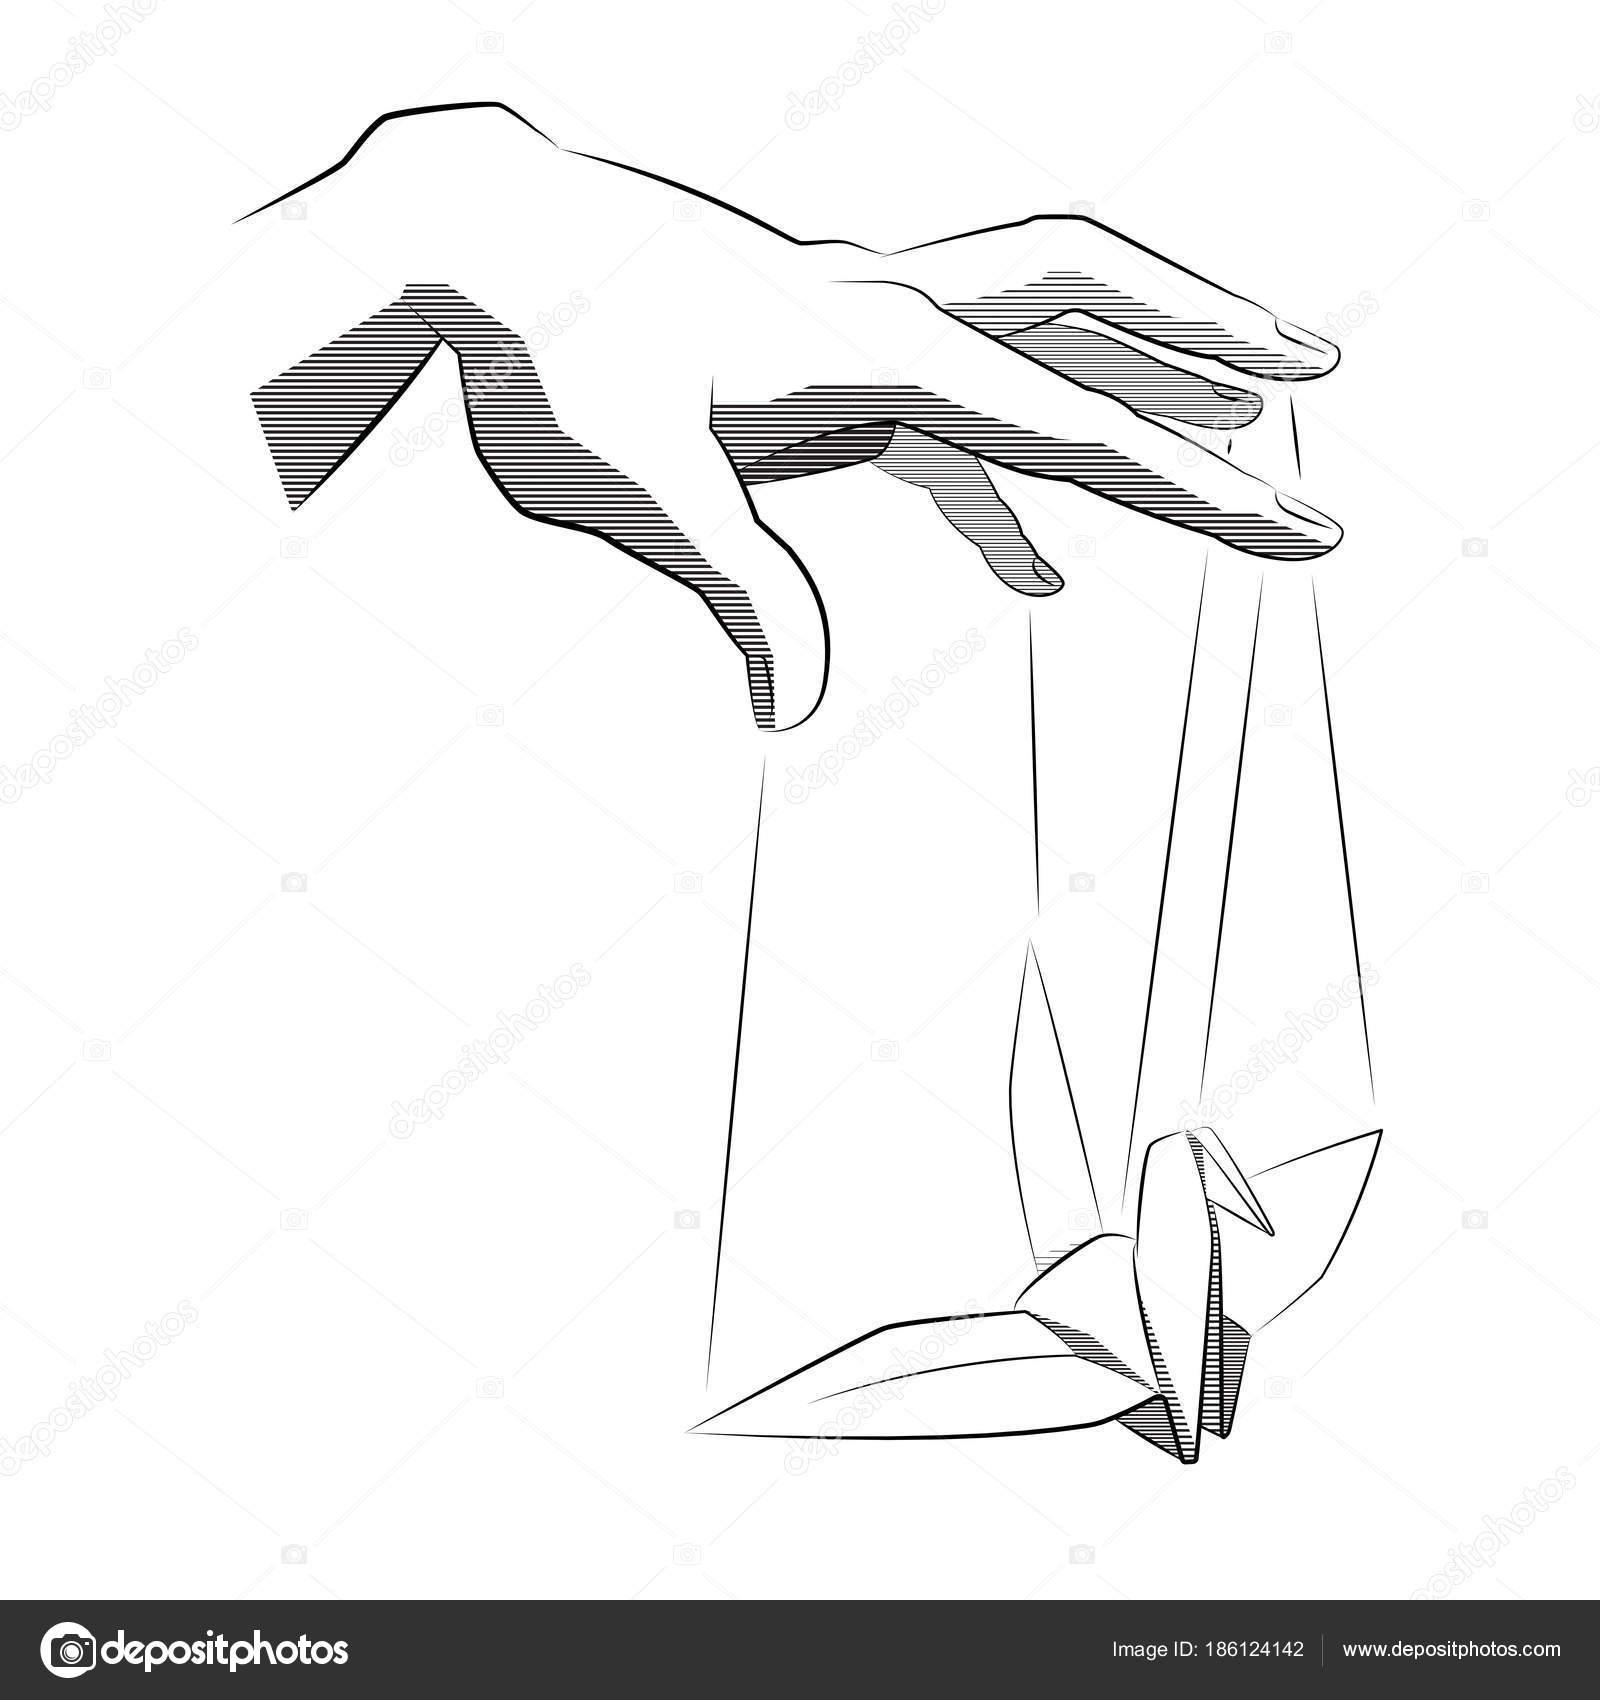 Vector Drawing Lines Disappear : 线艺术例证木偶手大师。挂上鸟折纸。纹身风格。矢量插图 — 图库矢量图像 seemalotion